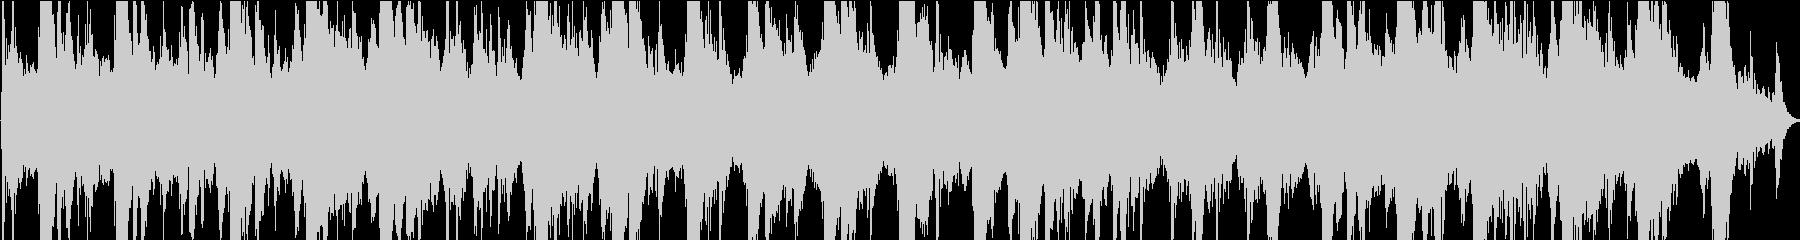 宇宙区間でなっているノイズの未再生の波形